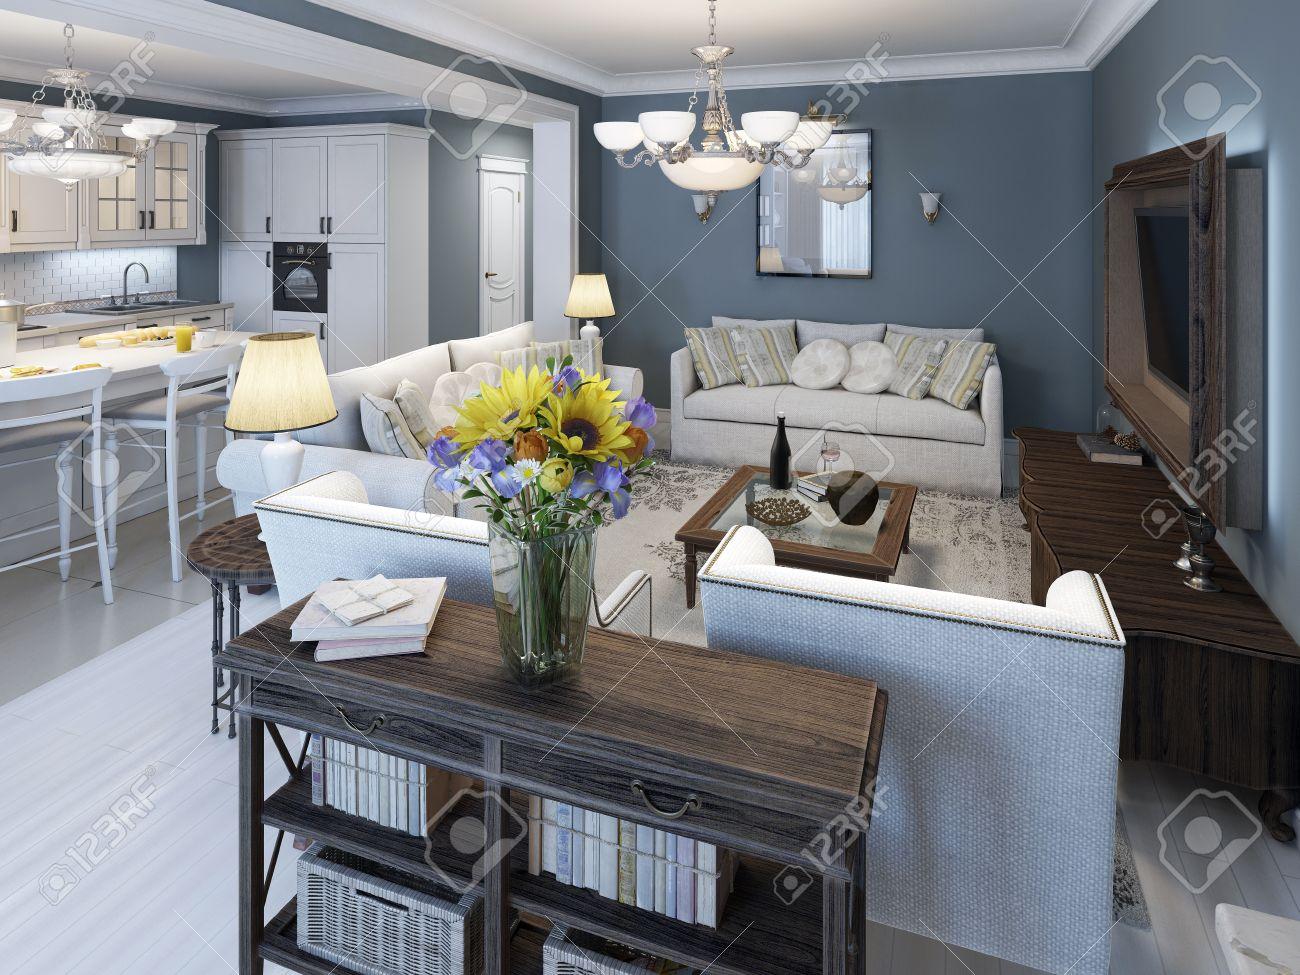 Salon Style Mediterraneen Avec Des Murs Bleus Parquet Blanc Un Mobilier Blanc Elegant Cuisine Sur Fond 3d Render